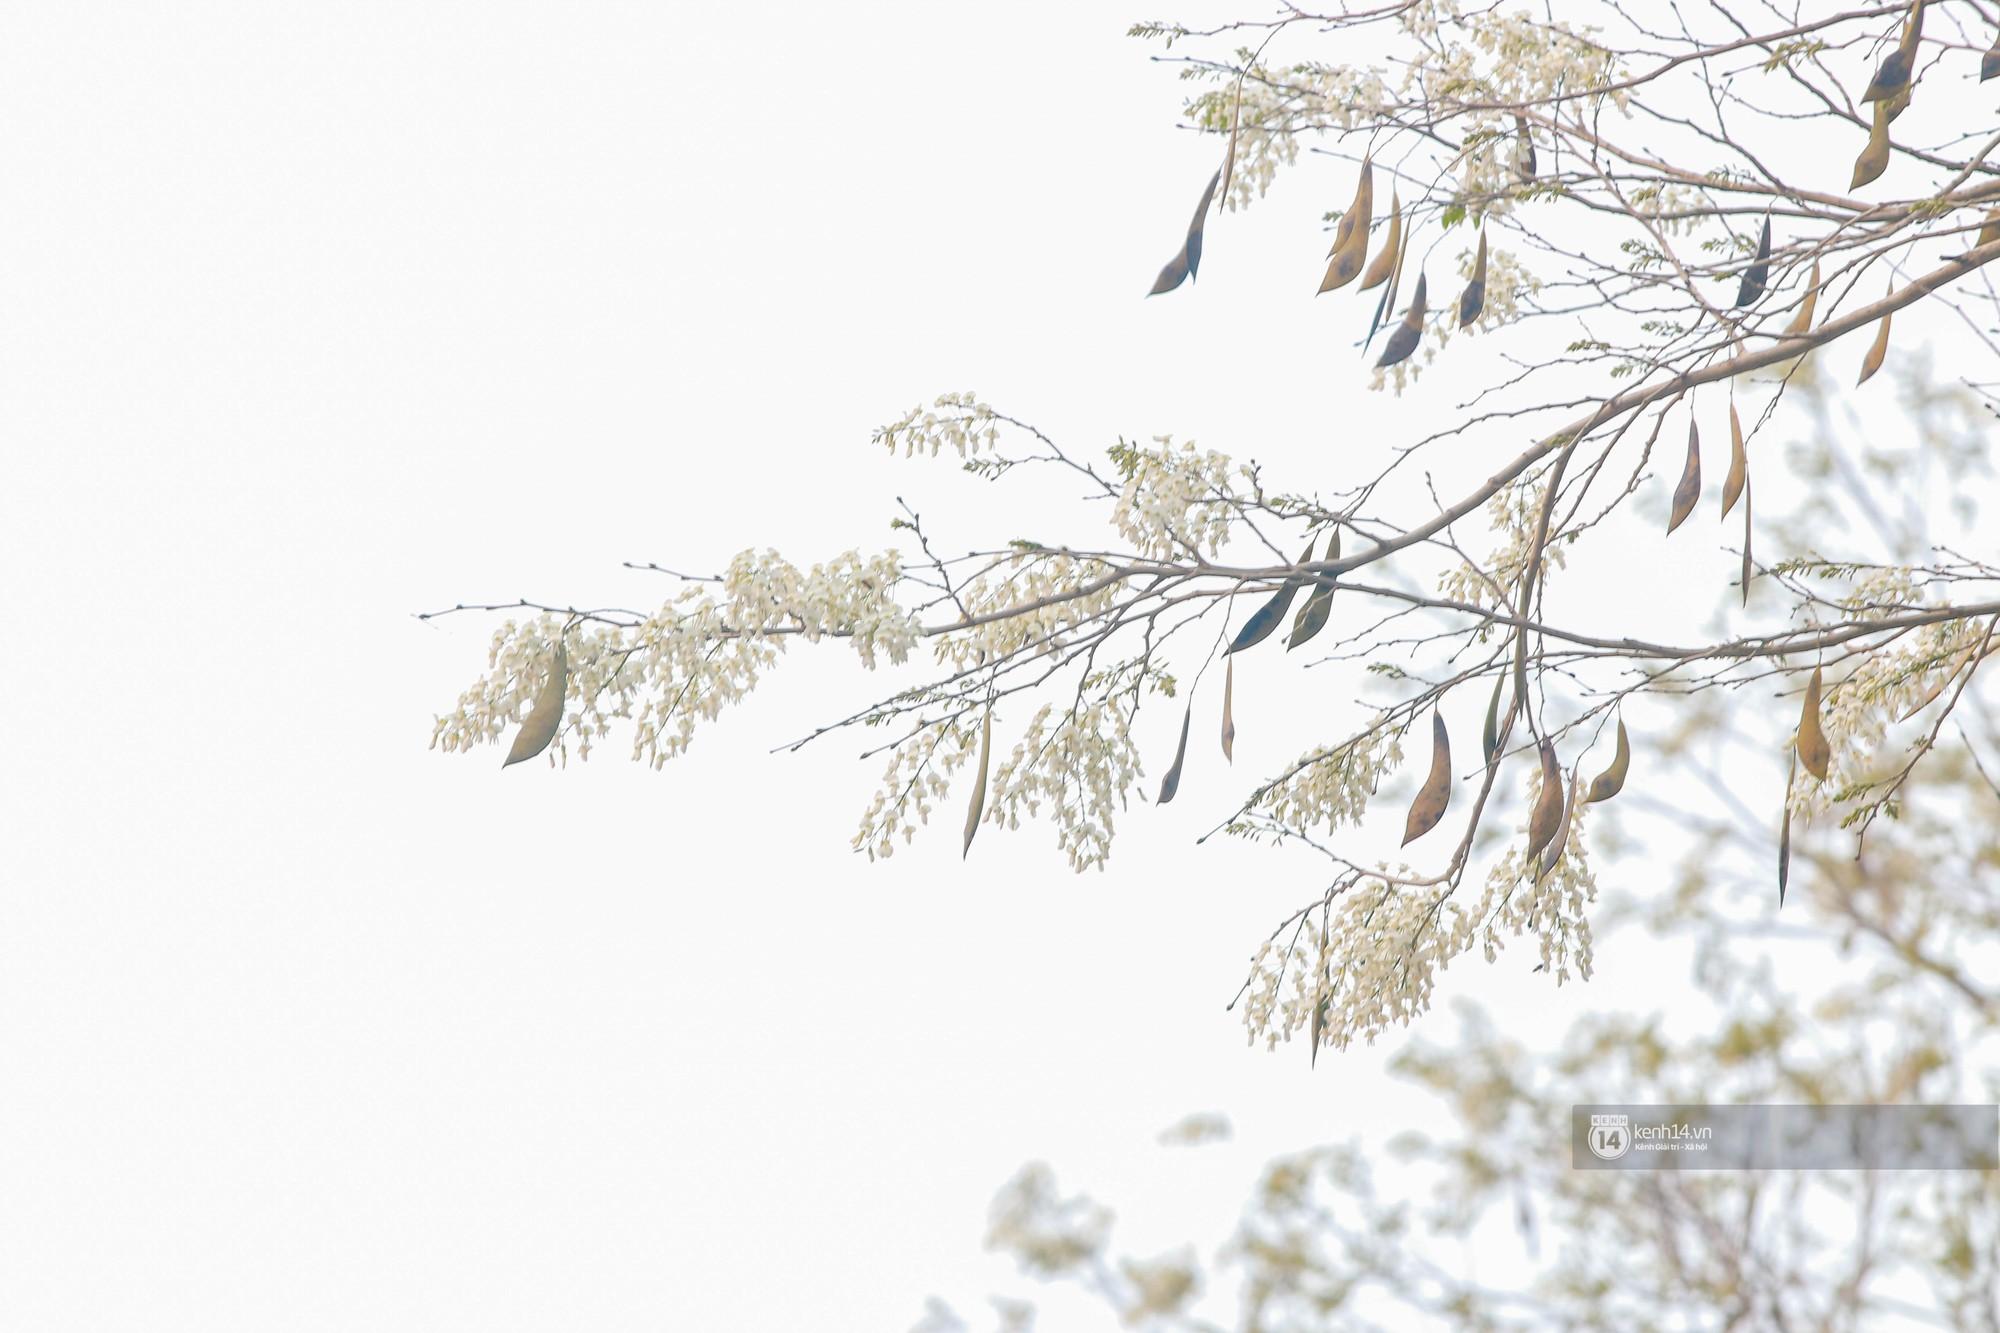 Đây là Hà Nội, của những ngày hoa sưa tinh khôi phủ trắng trời như tuyết - Ảnh 11.